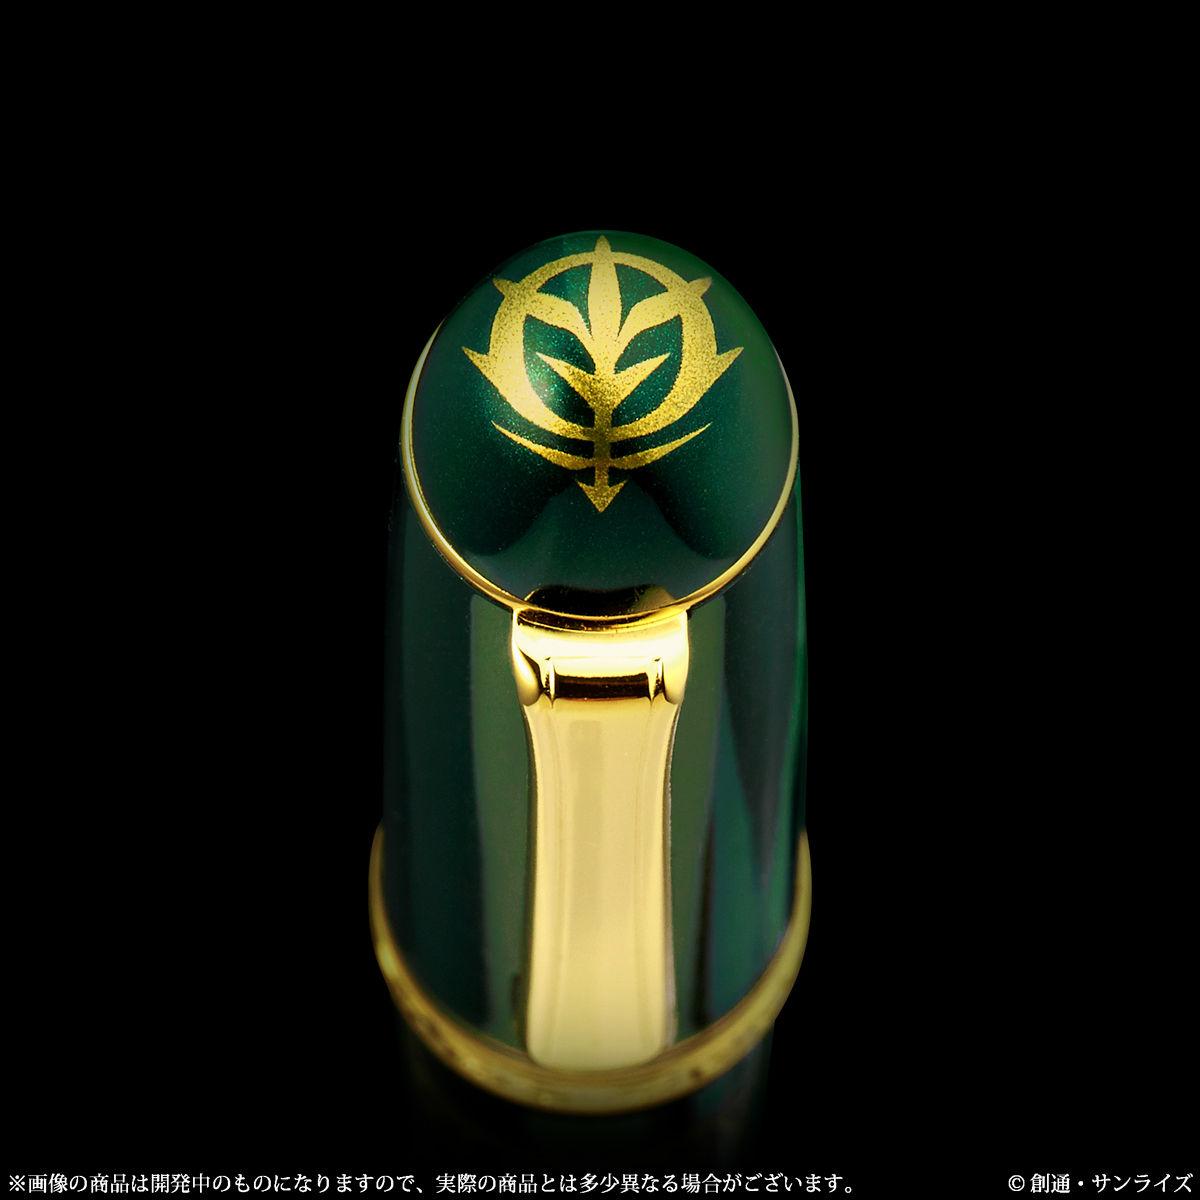 機動戦士ガンダム『ザビ家御用達万年筆-SPECIAL EDITION-』-006